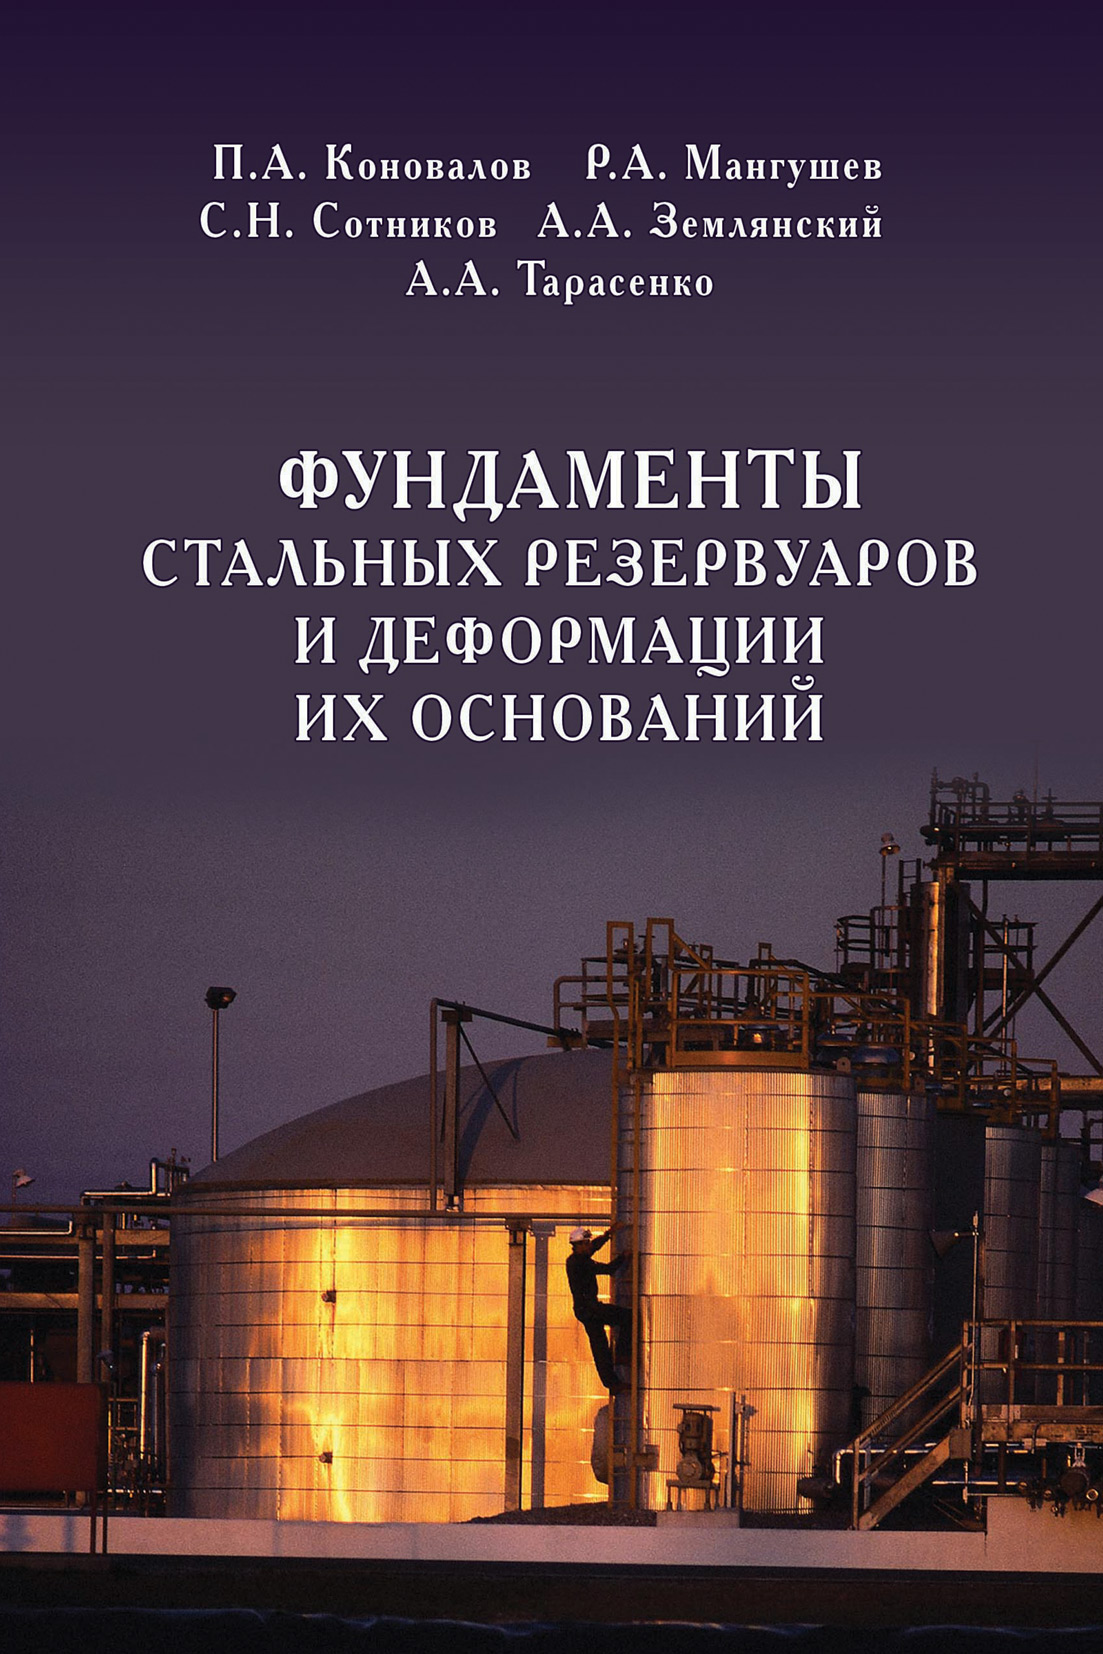 П. А. Коновалов Фундаменты стальных резервуаров и деформации их оснований